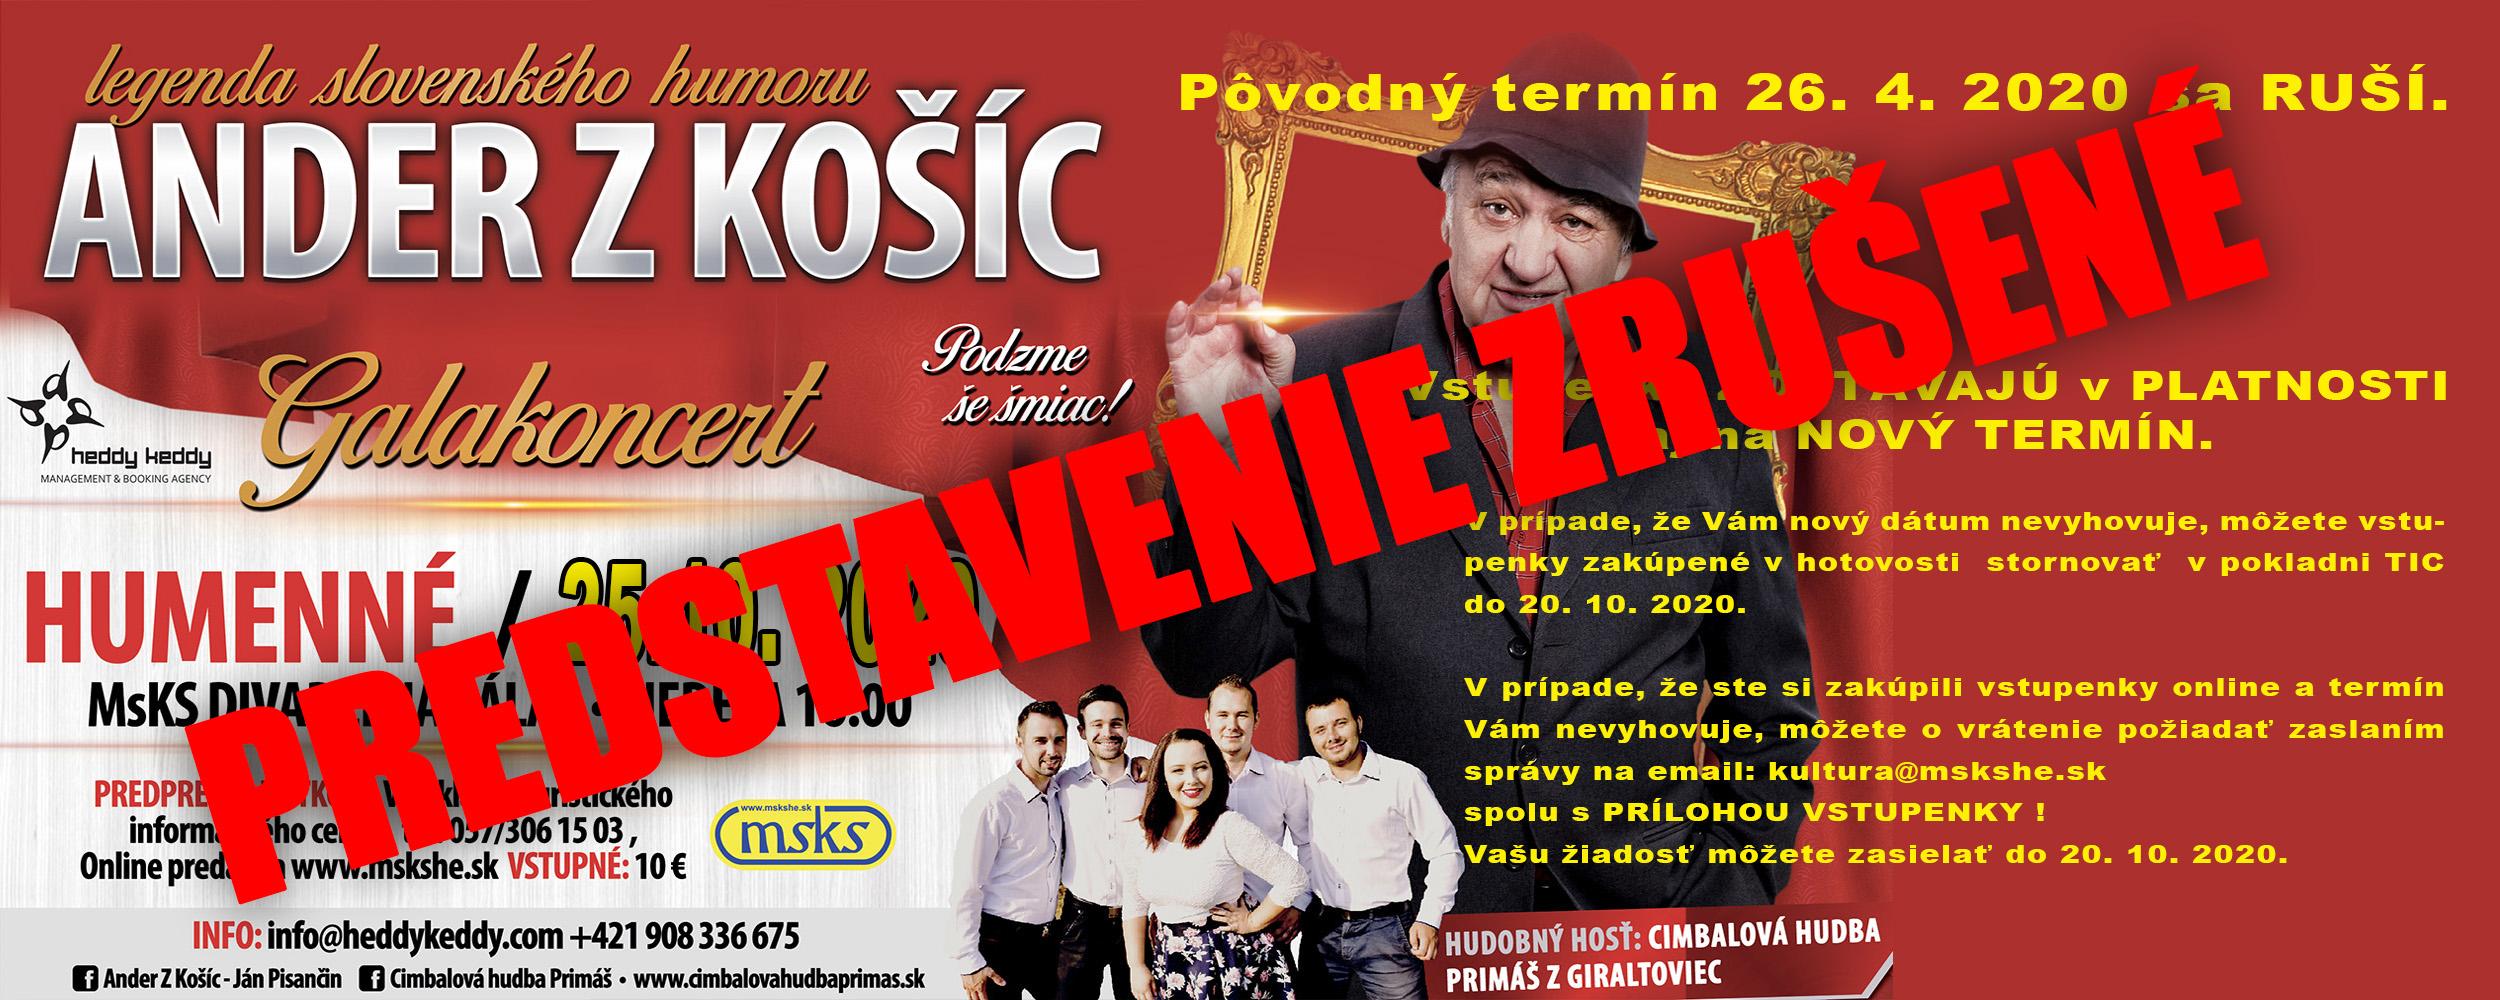 ANDER_Z_KOšíC_OPRAVA23